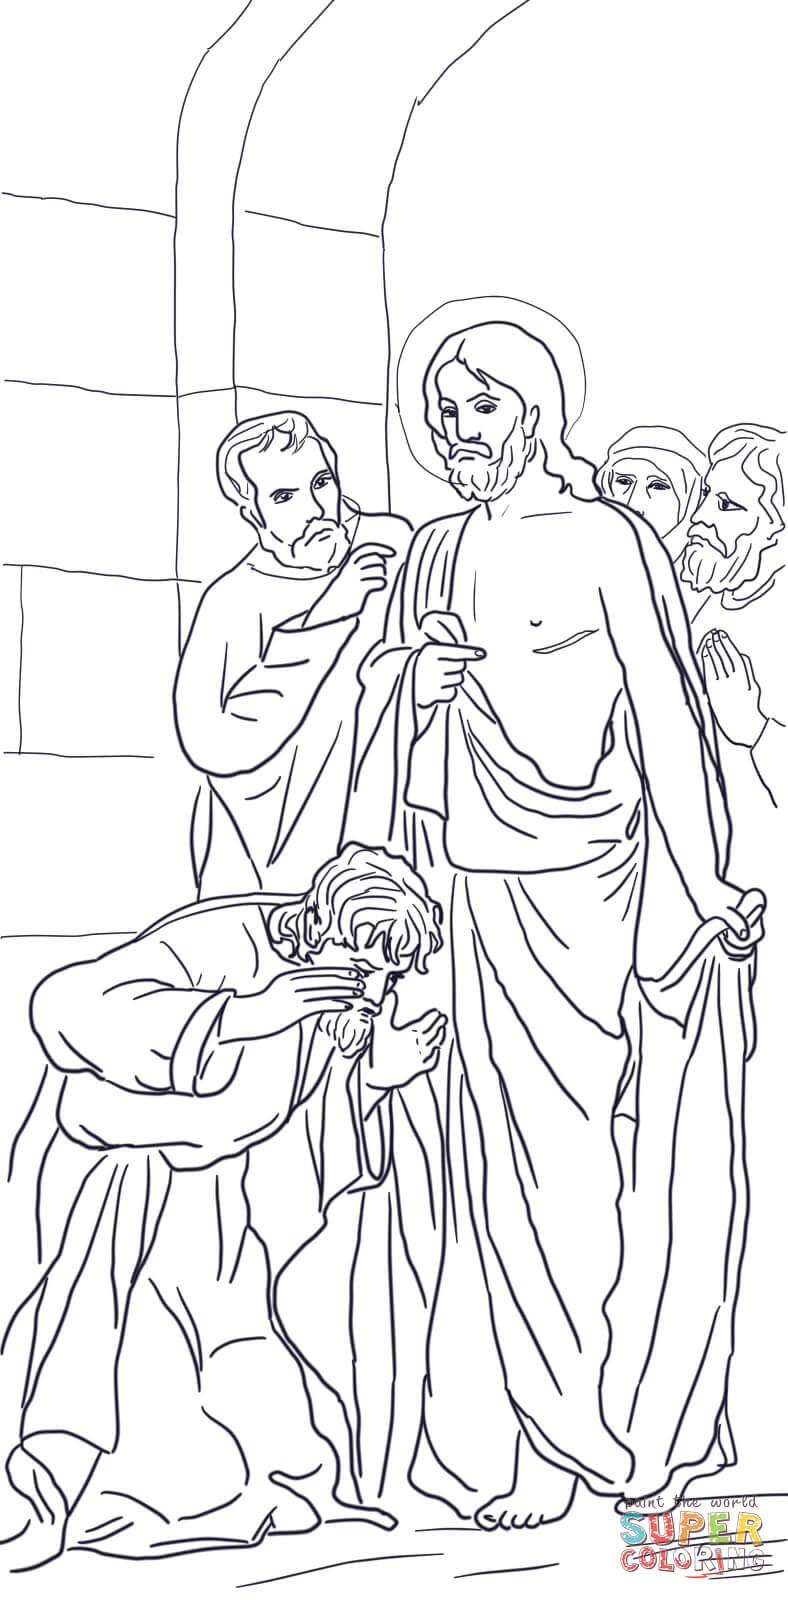 Doubting Thomas Coloring Page : doubting, thomas, coloring, Jesus, Appears, Thomas, Coloring, Printable, Pages